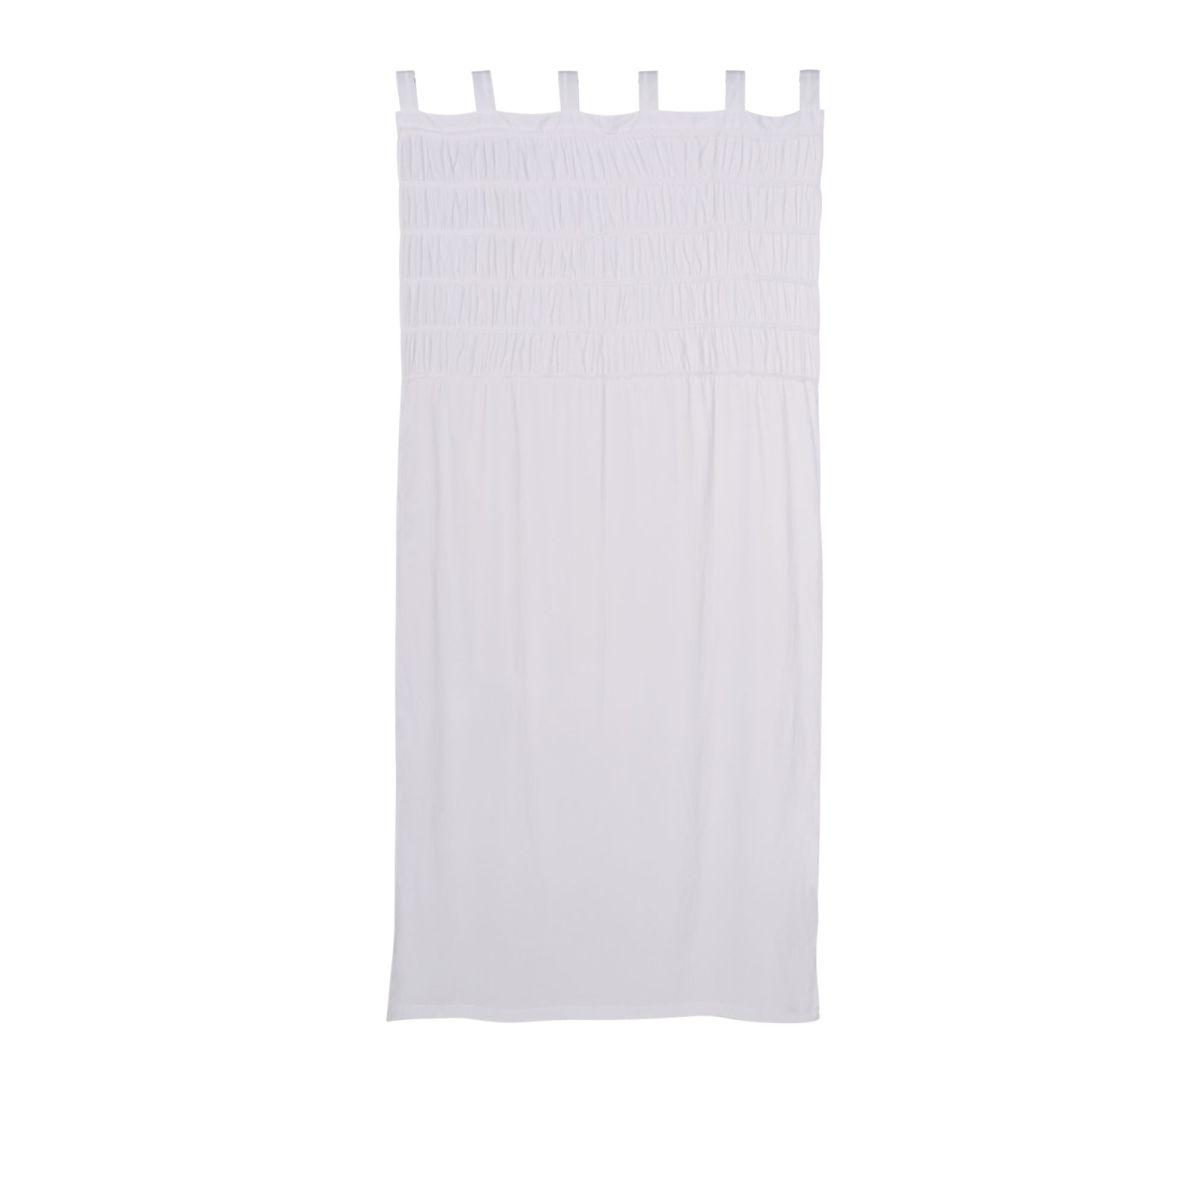 Vorhang, Handgewebt, Romantik-Look